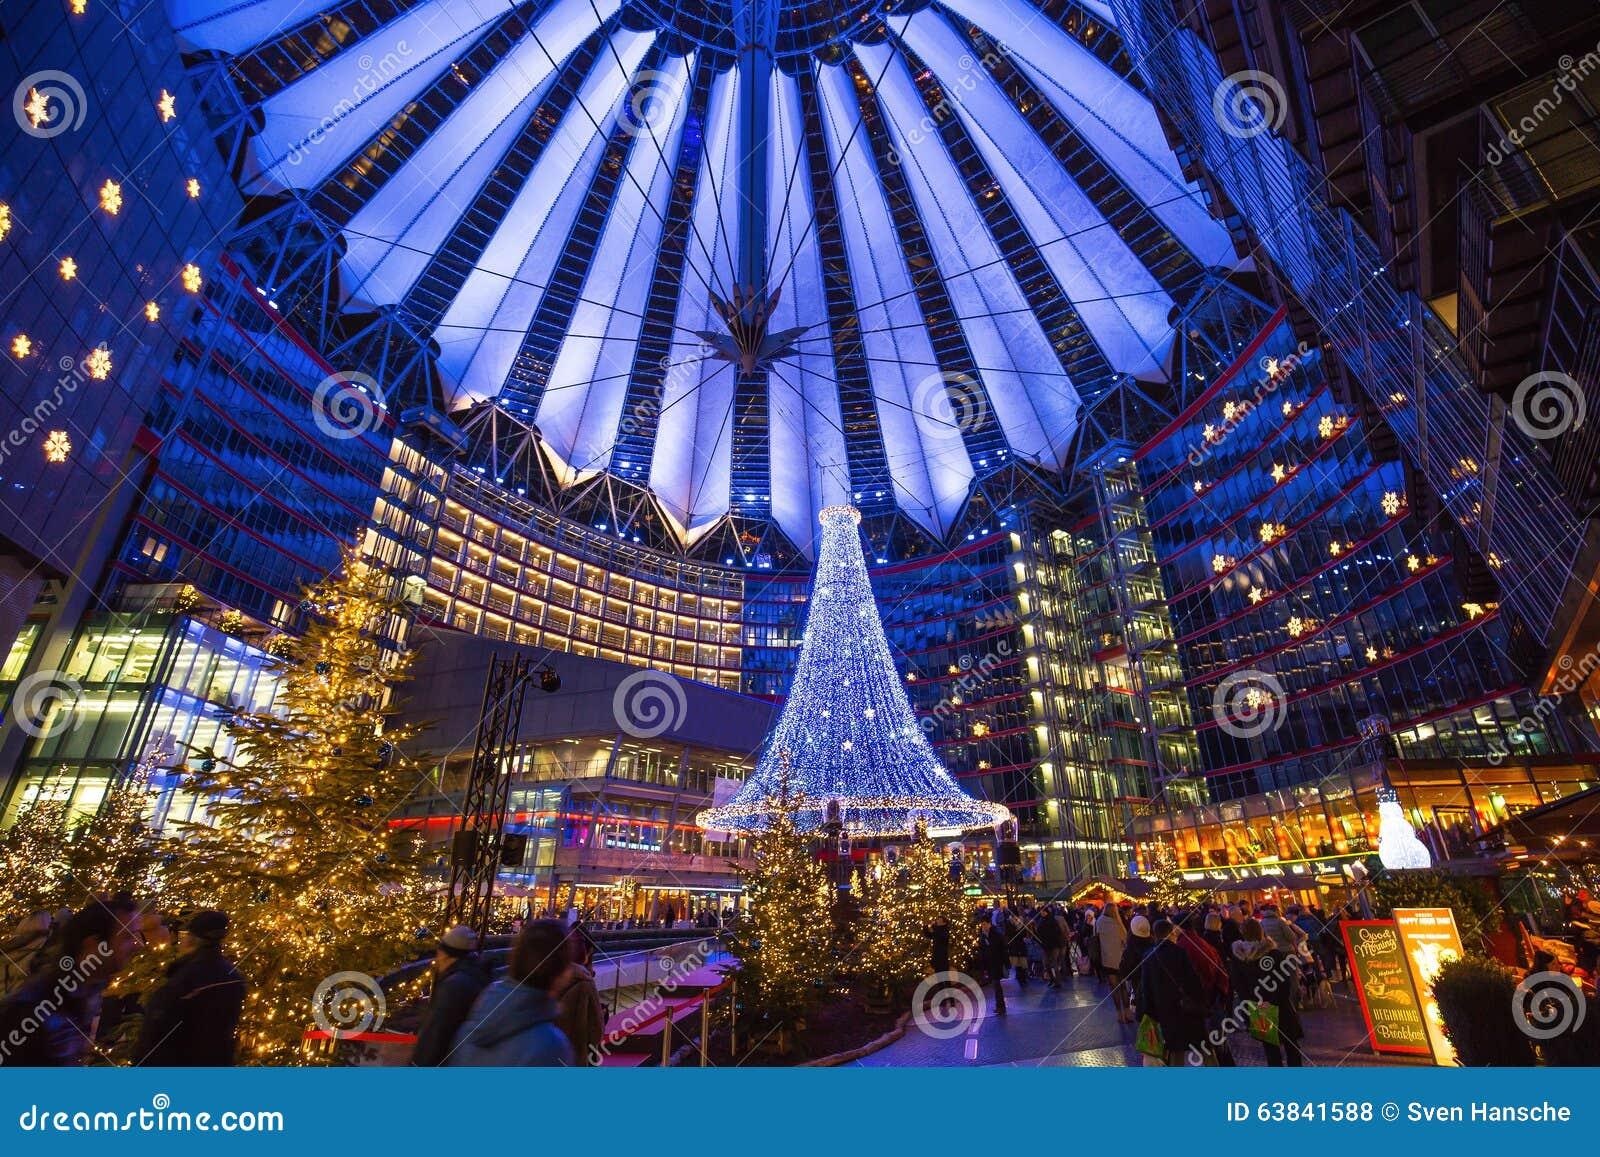 Modern Christmas Lights